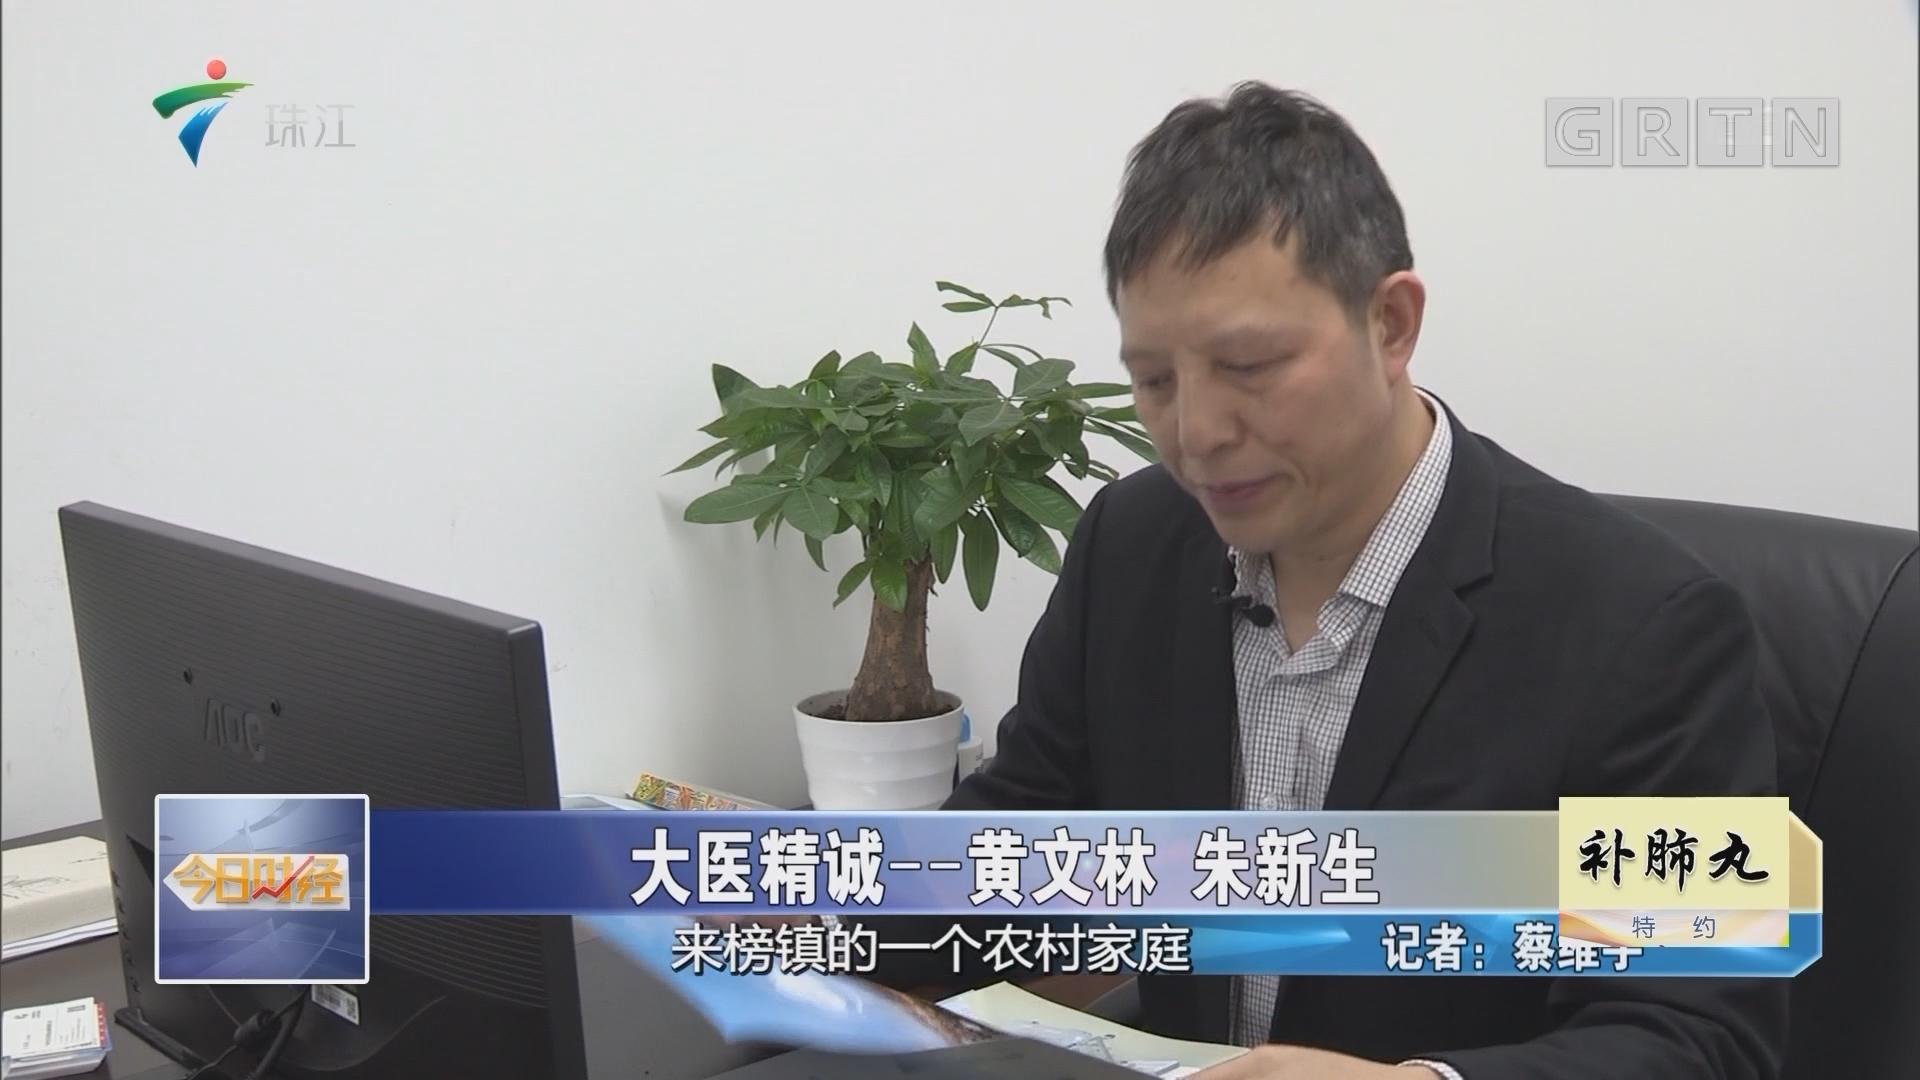 大医精诚——黄文林 朱新生(二)